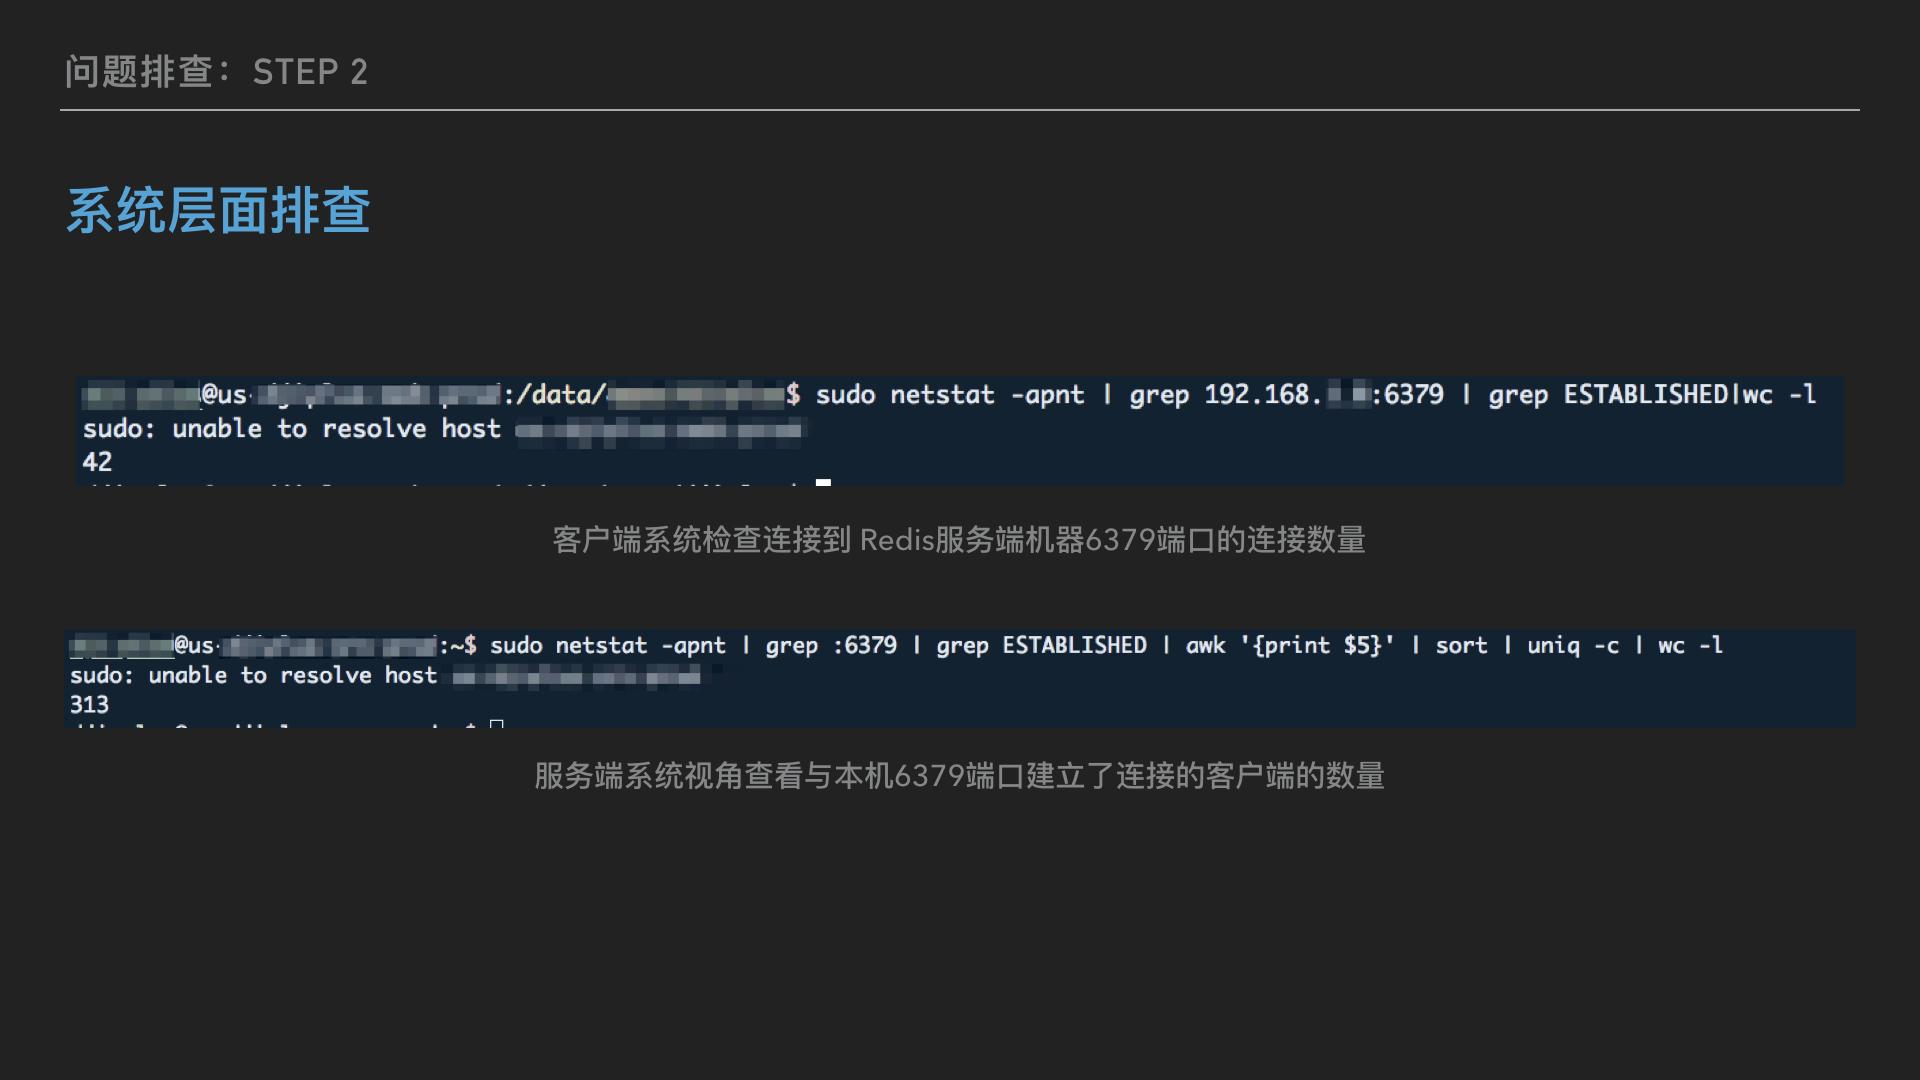 服务器端与客户端 TCP 连接数不匹配